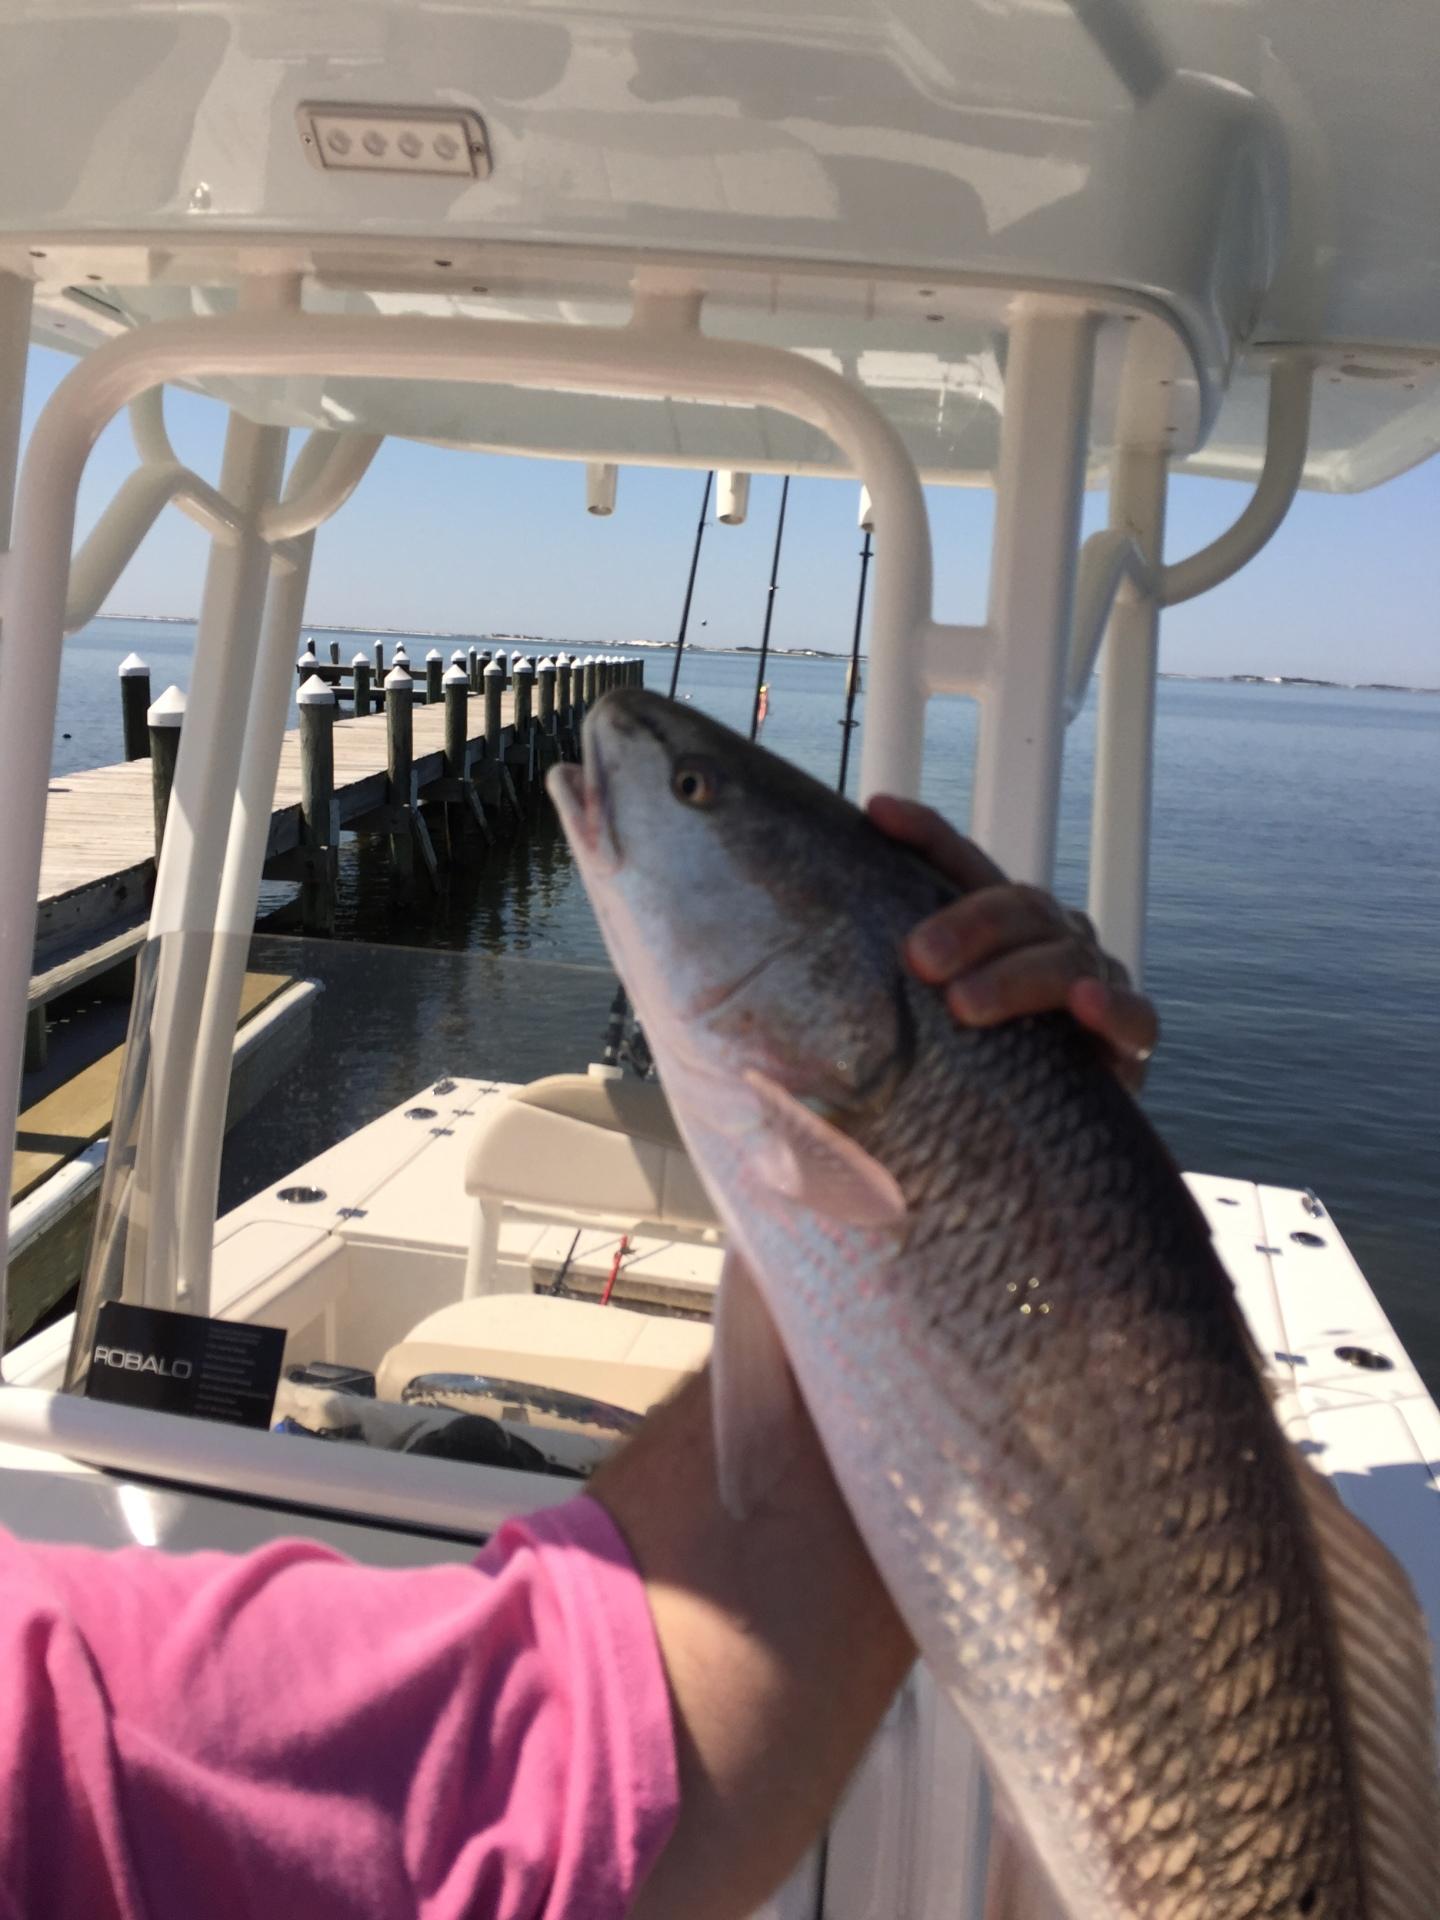 Fish on boat